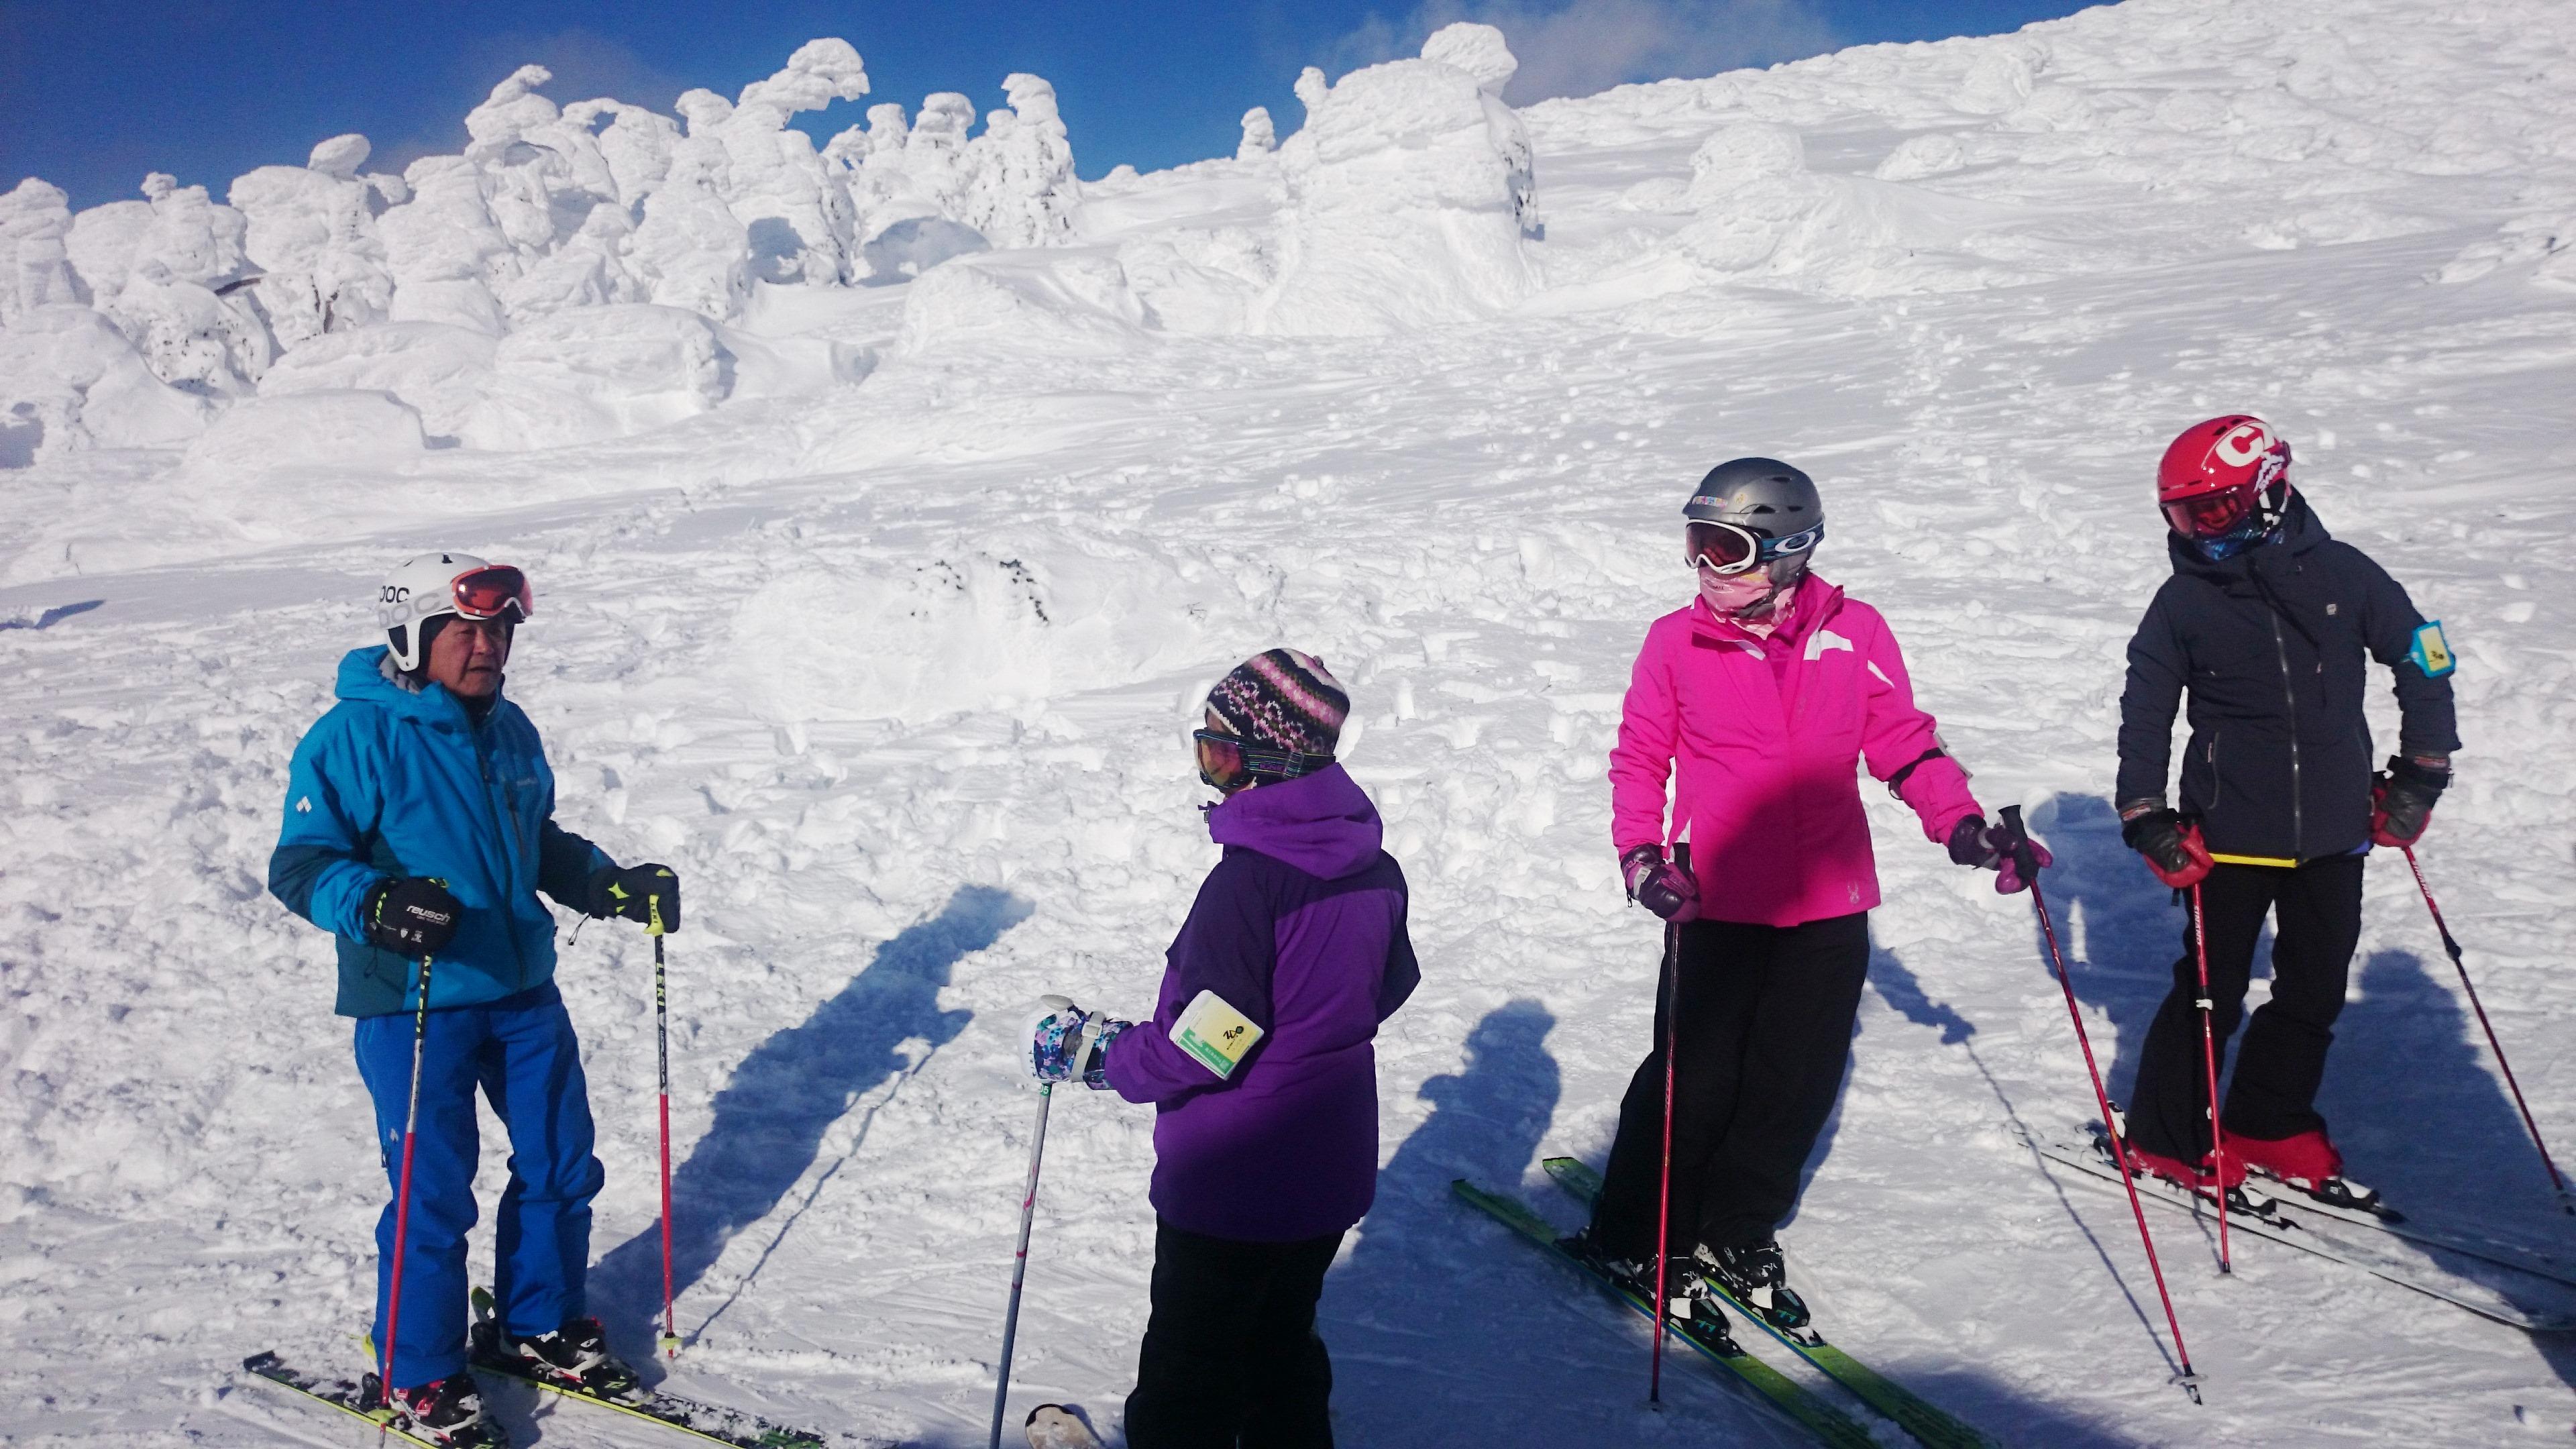 スキーレッスンの様子